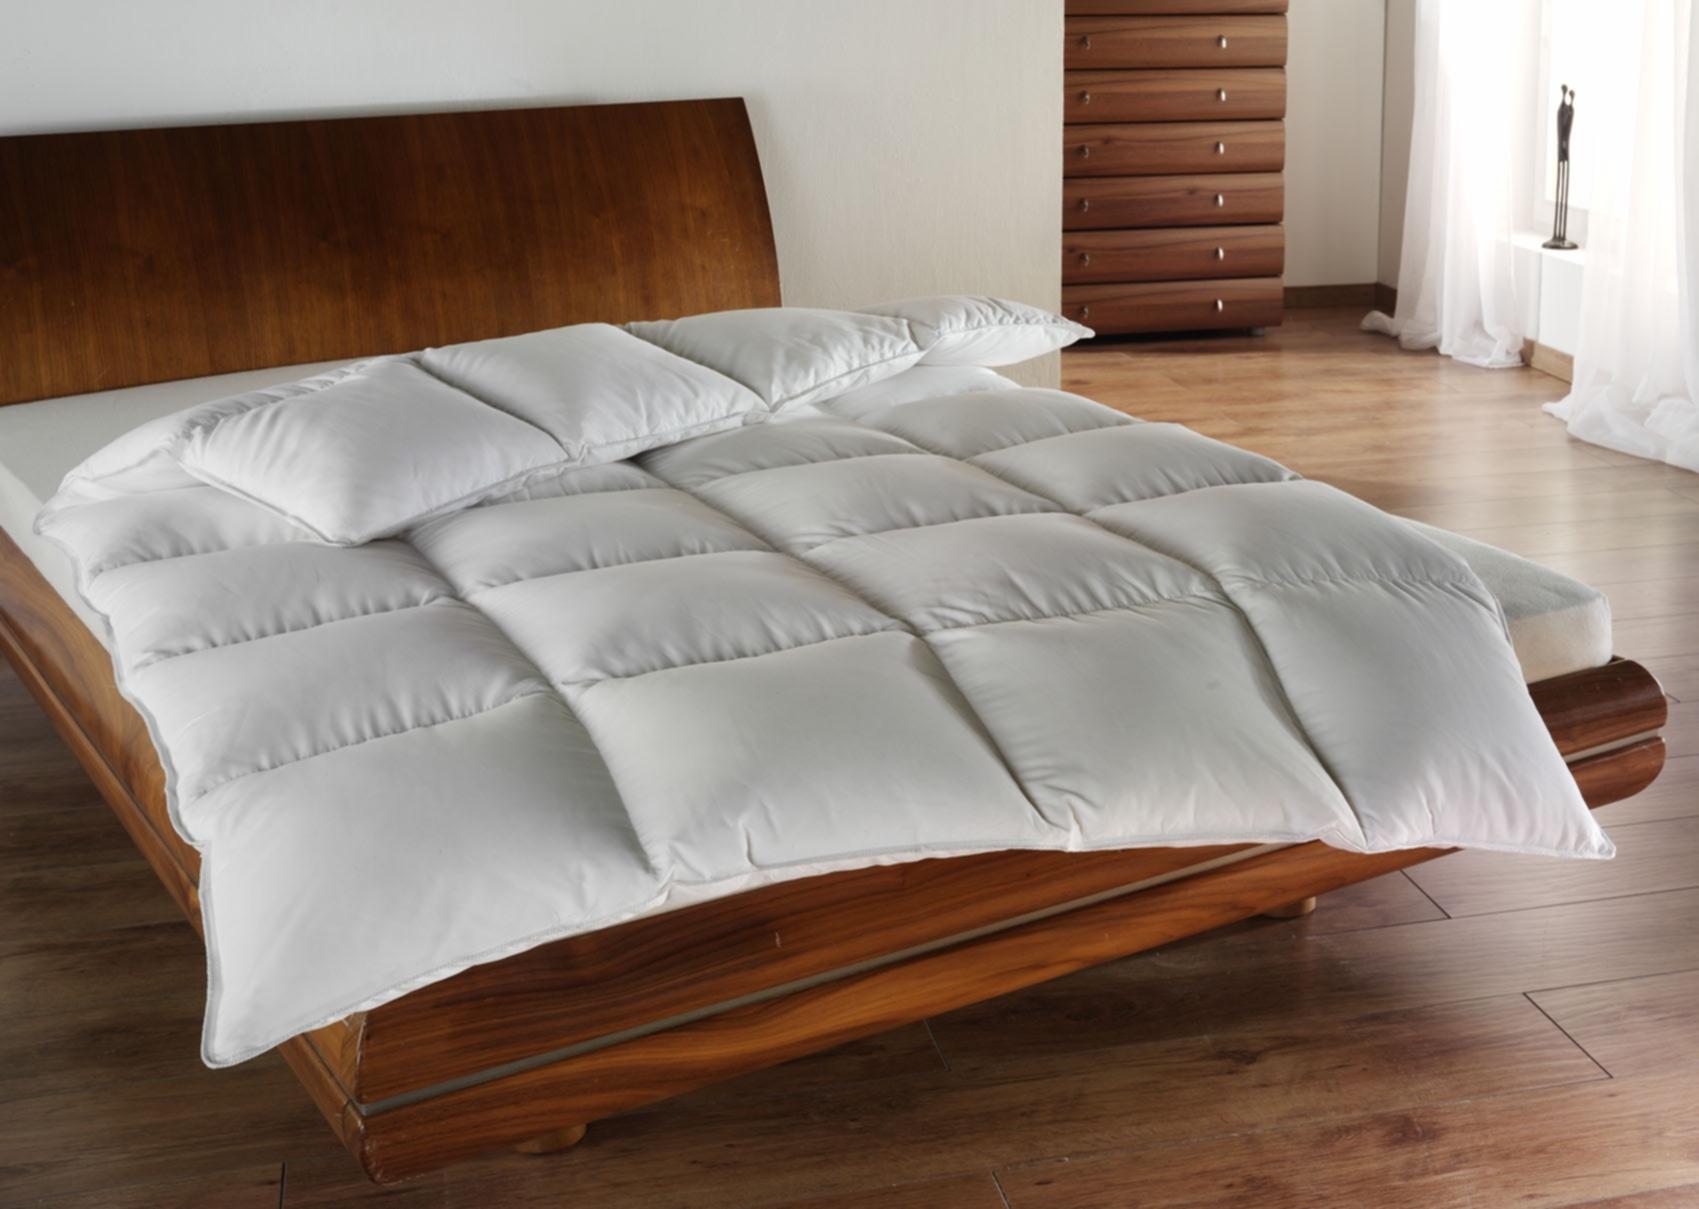 wolkenschloss bettdecke daunen canada premium 70 30 135 200 cm wolkenschloss. Black Bedroom Furniture Sets. Home Design Ideas